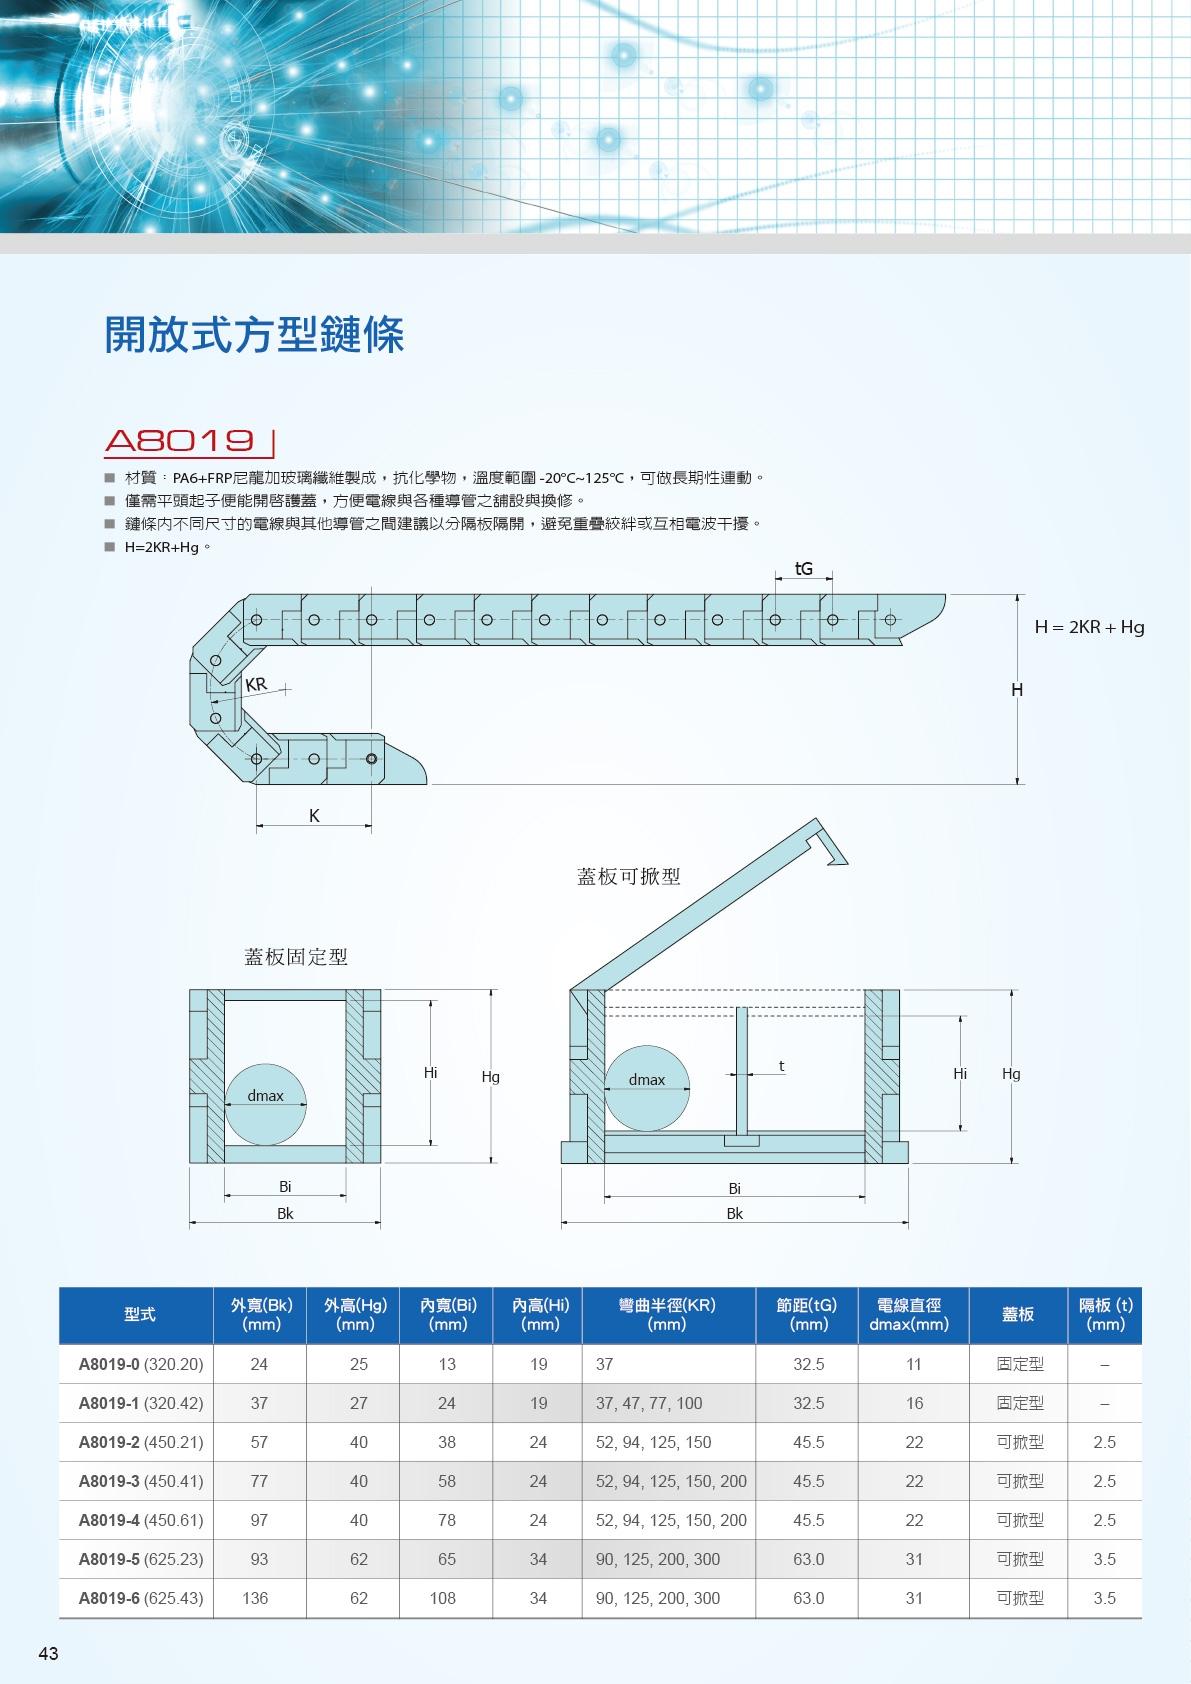 A8019 flexible carrier